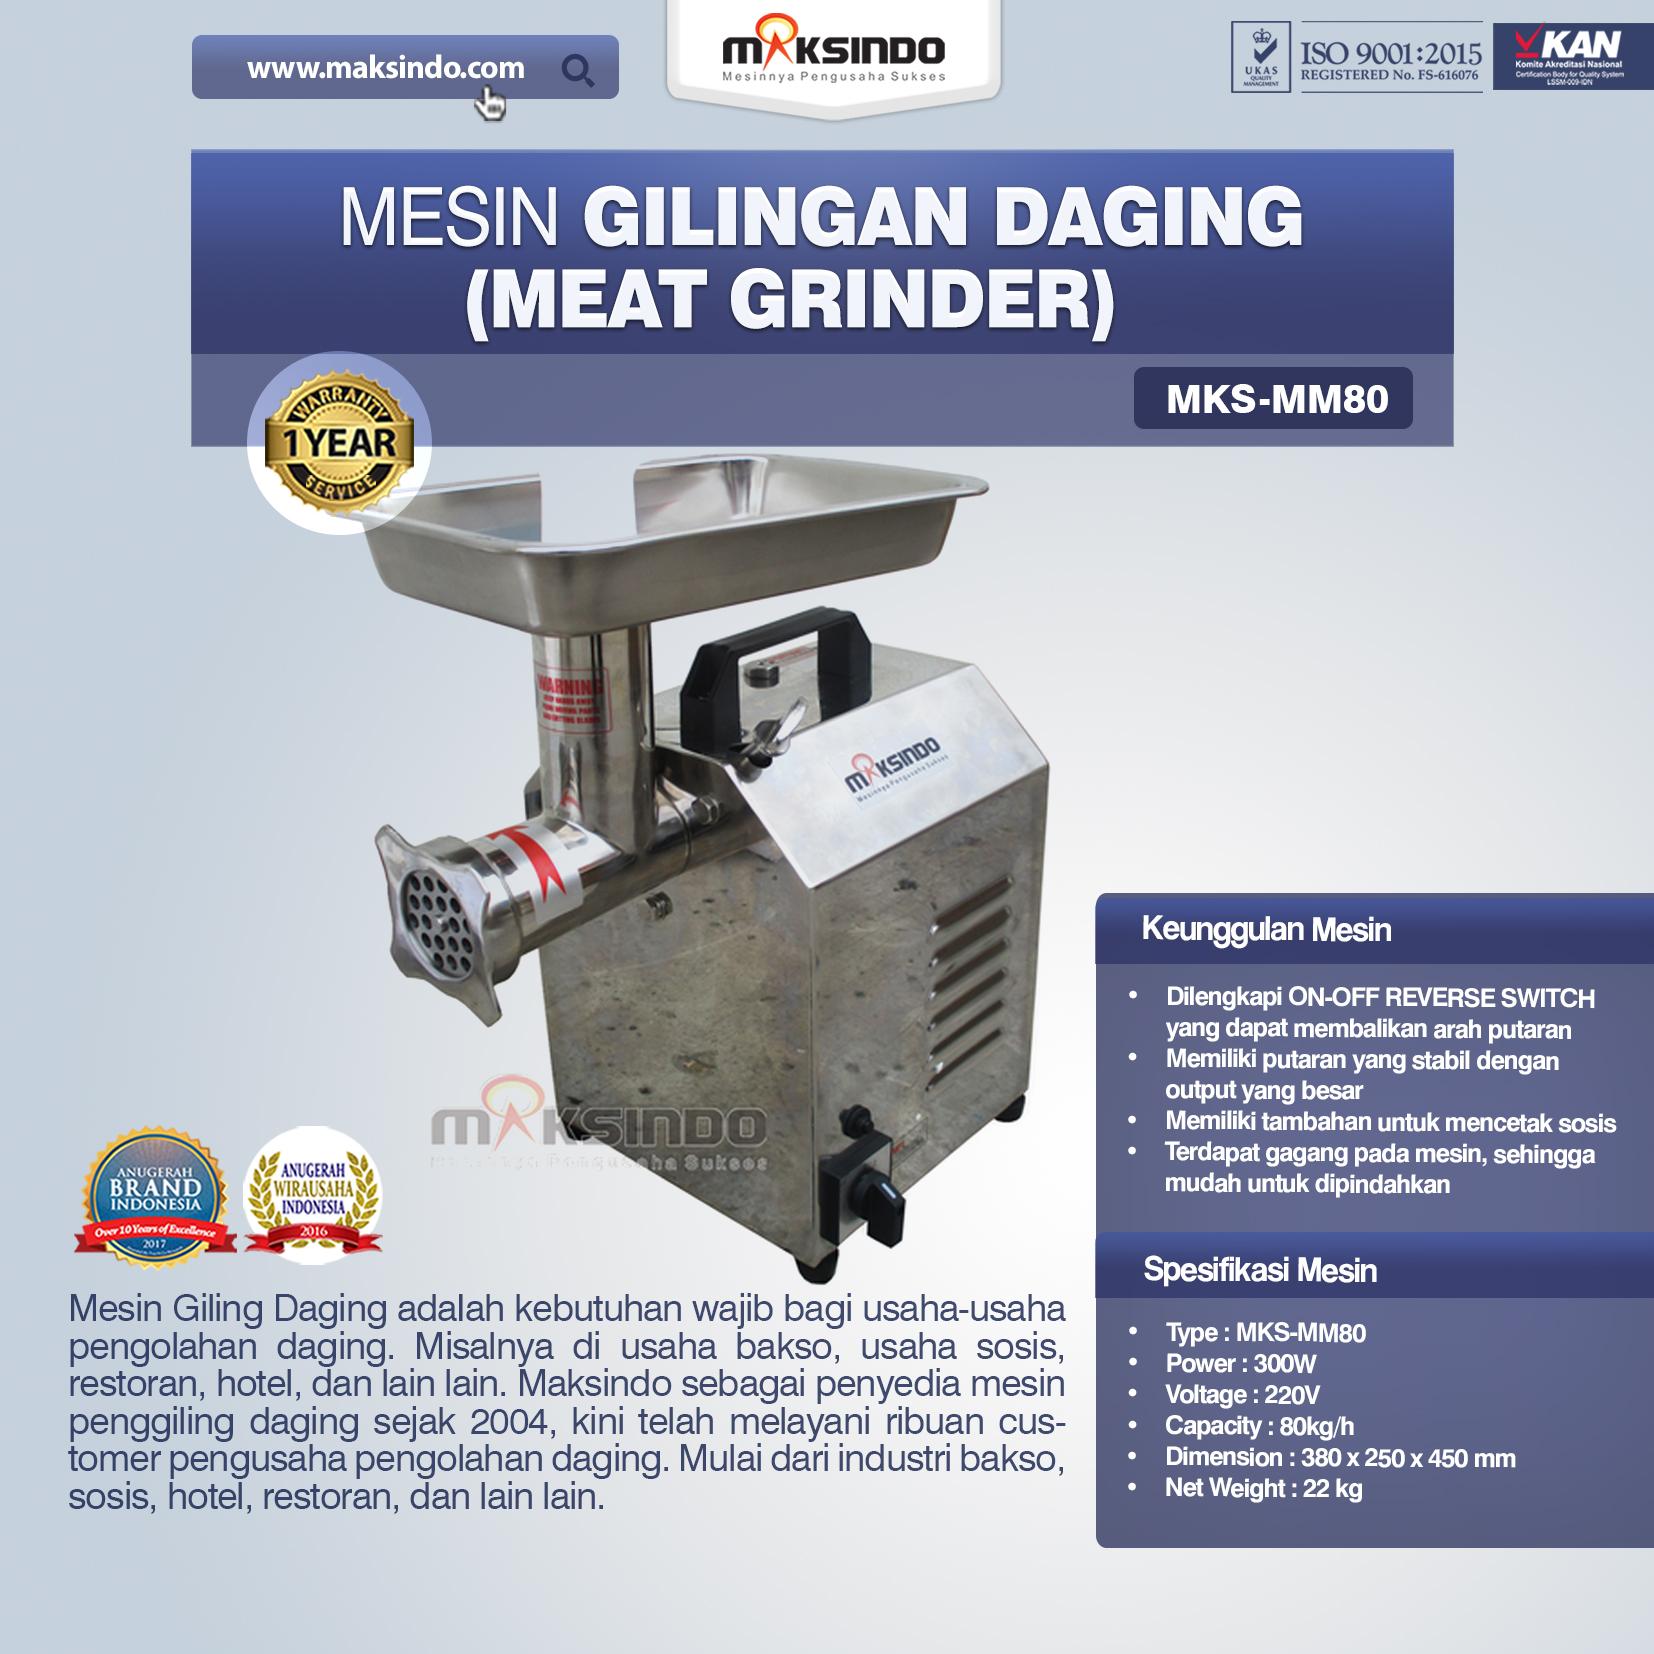 Mesin Meat Grinder MKS-MM80